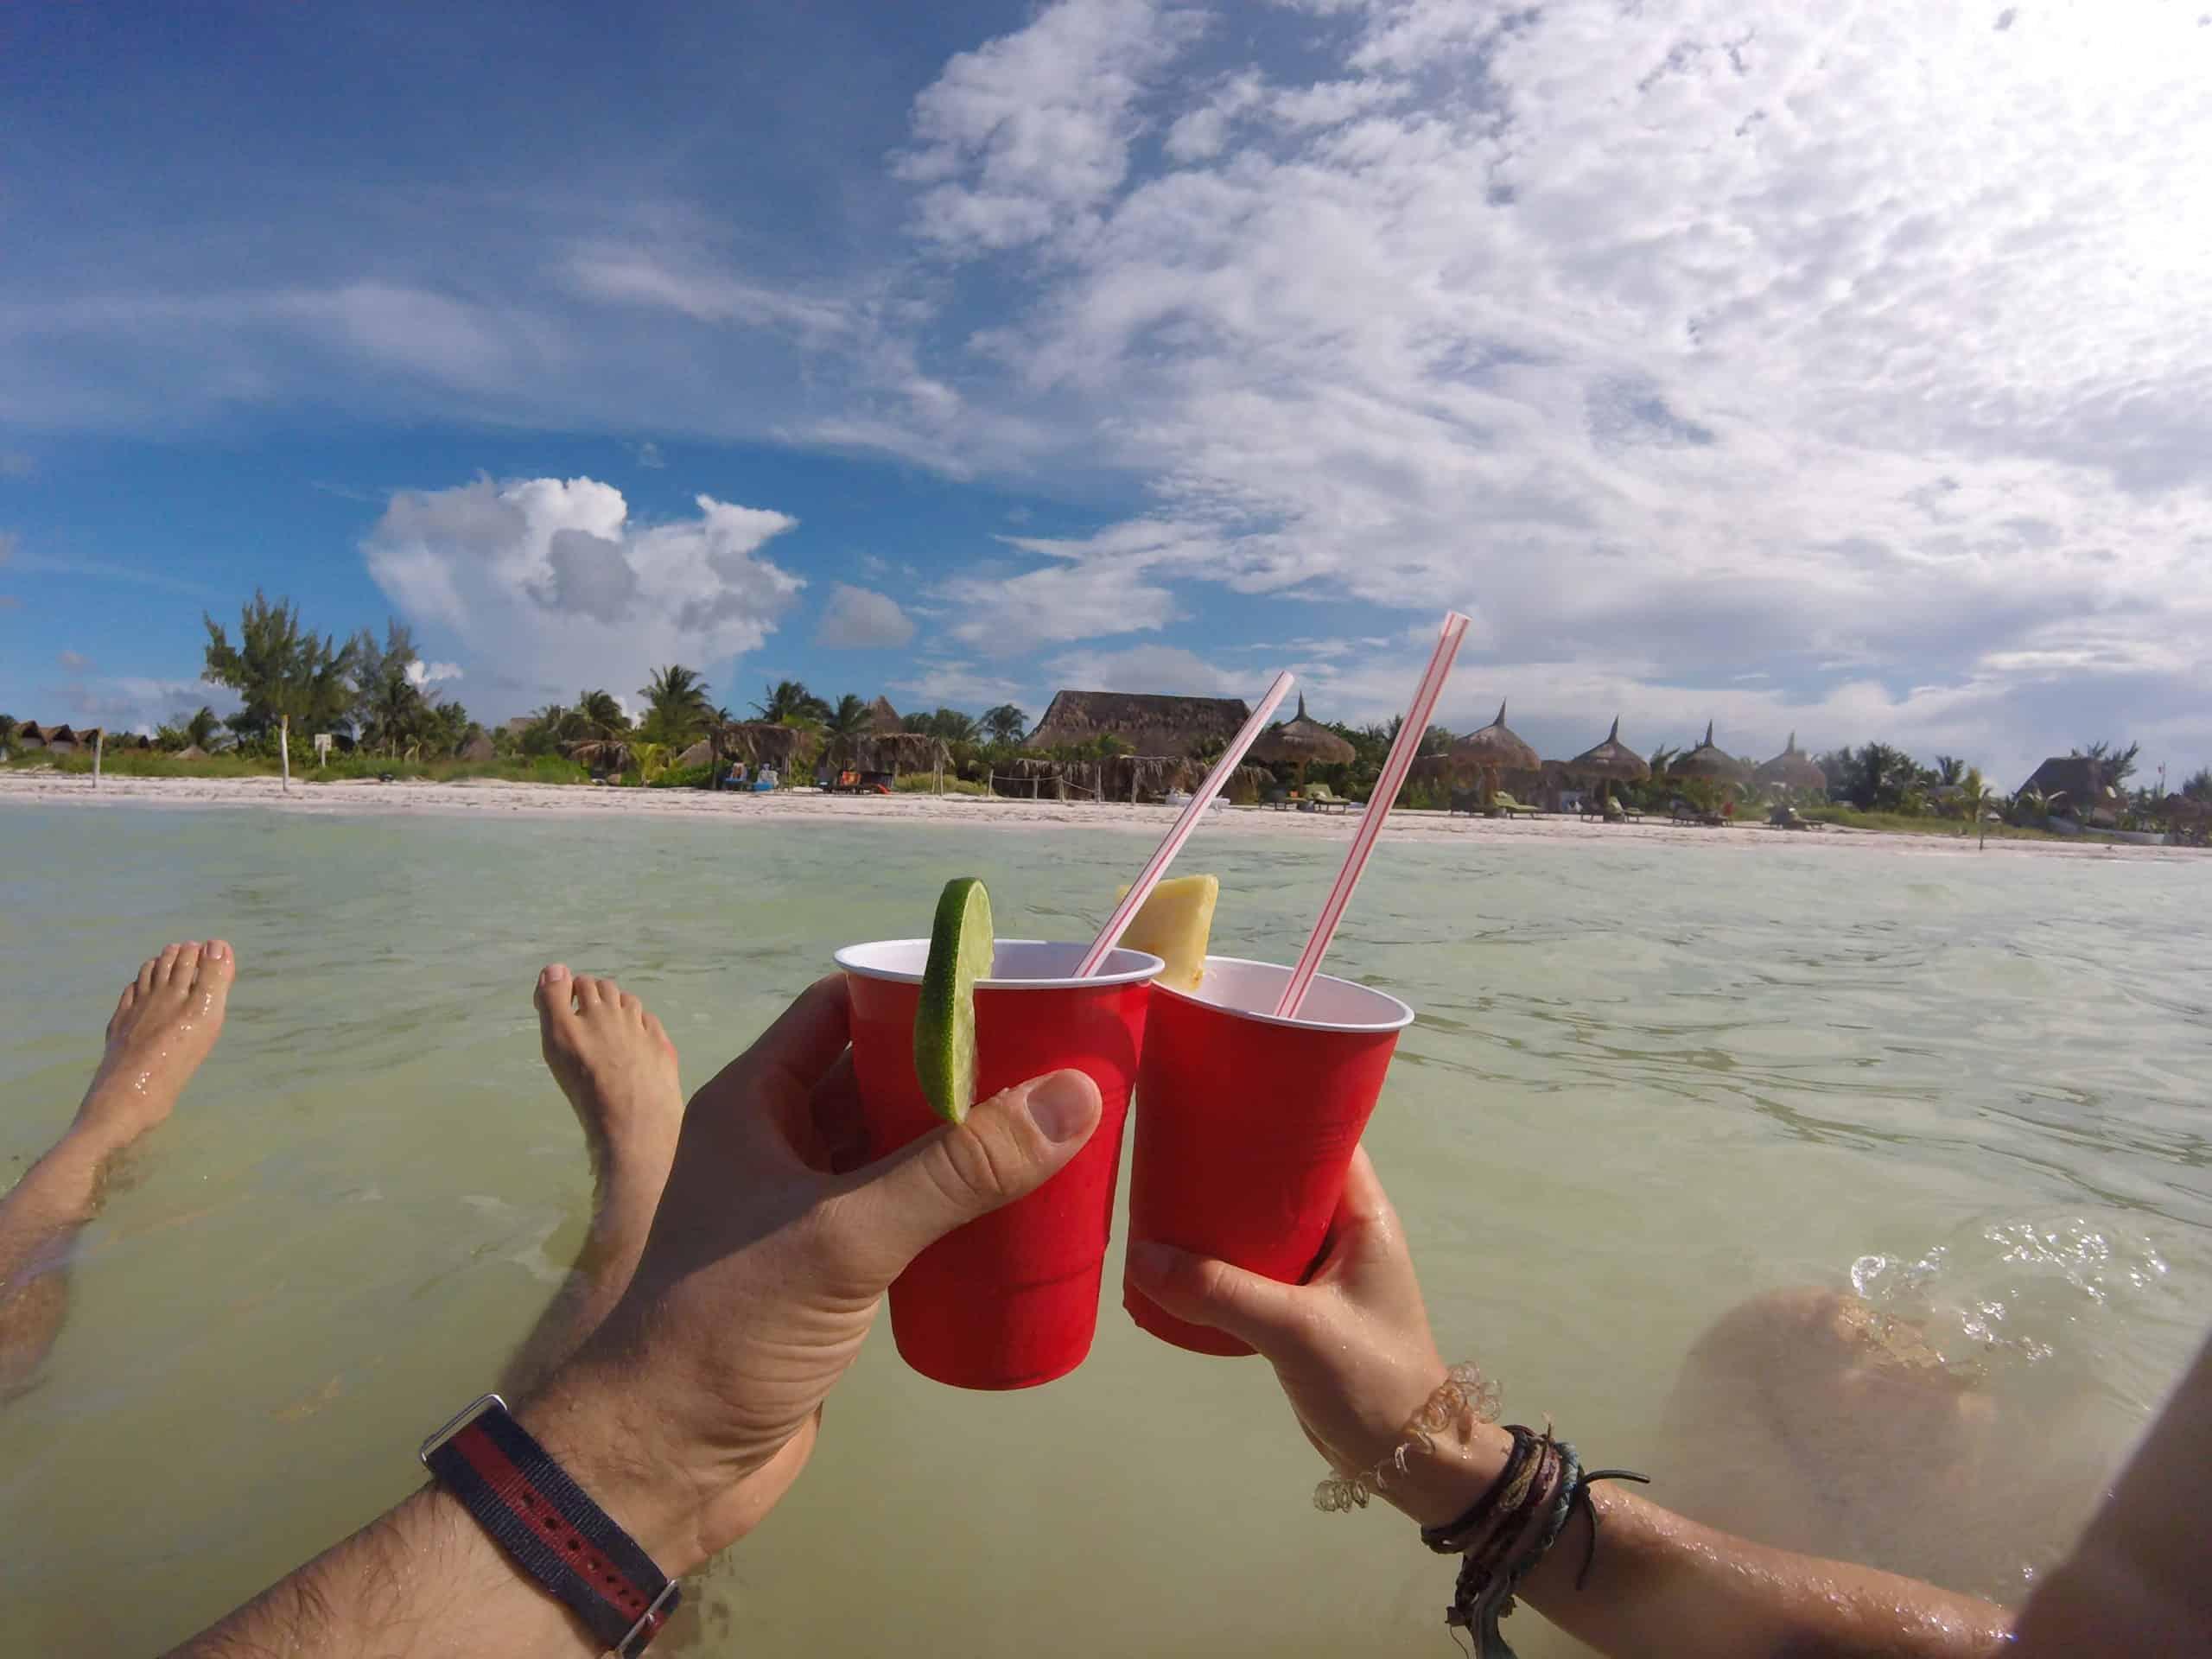 yucatán-mexiko-cancún-reisetipps-reiseblog-tipps-isla holbox